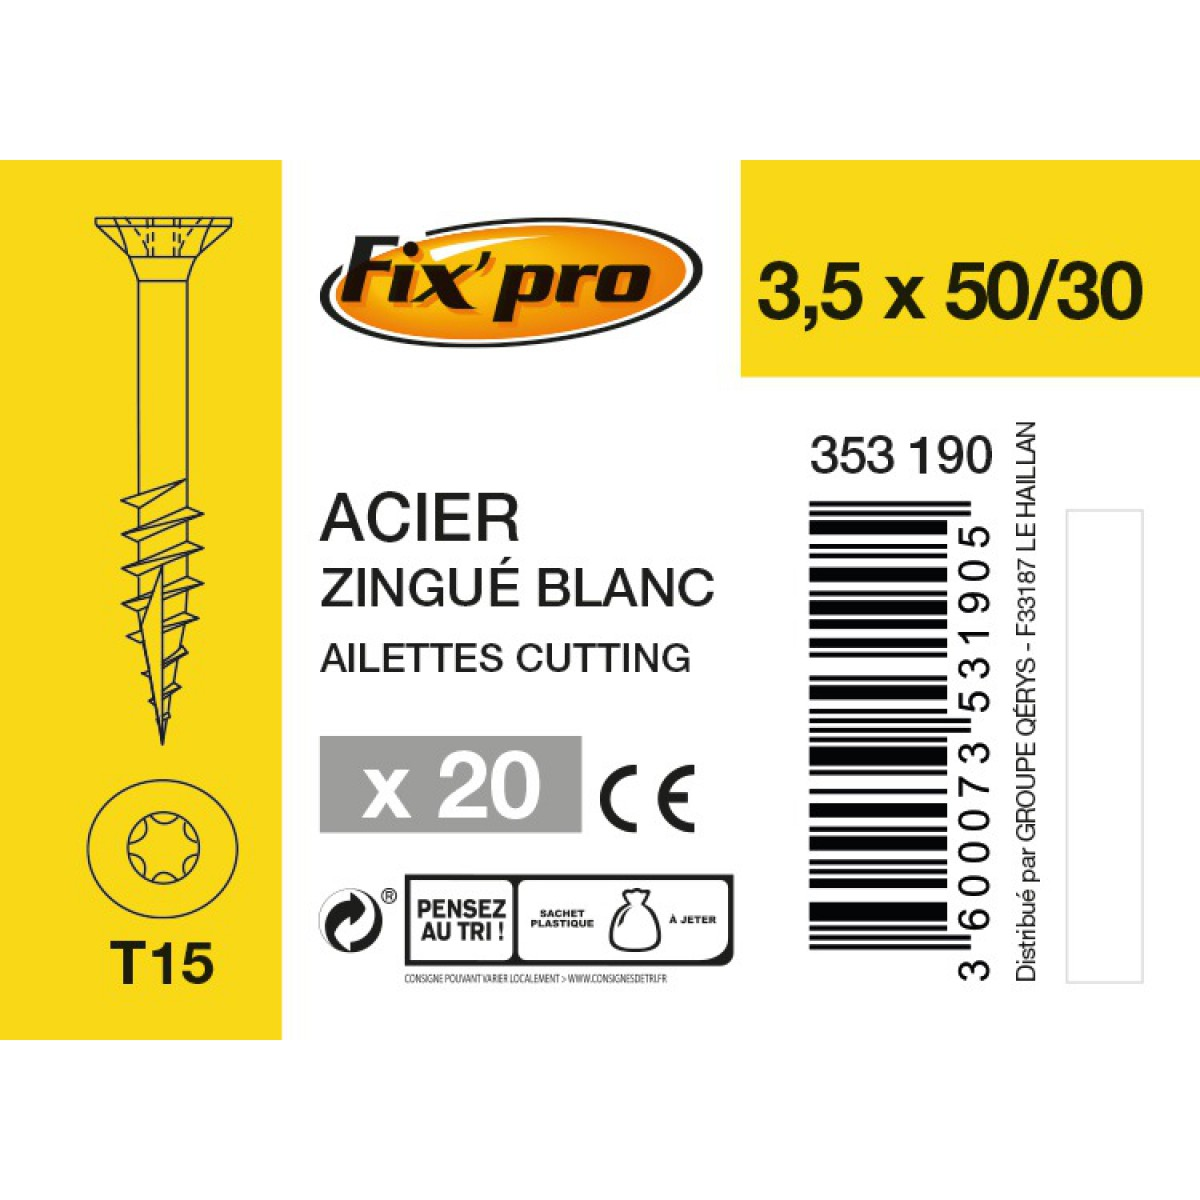 Vis à bois tête fraisée TX - 3,5x50/30 - 20pces - Fixpro